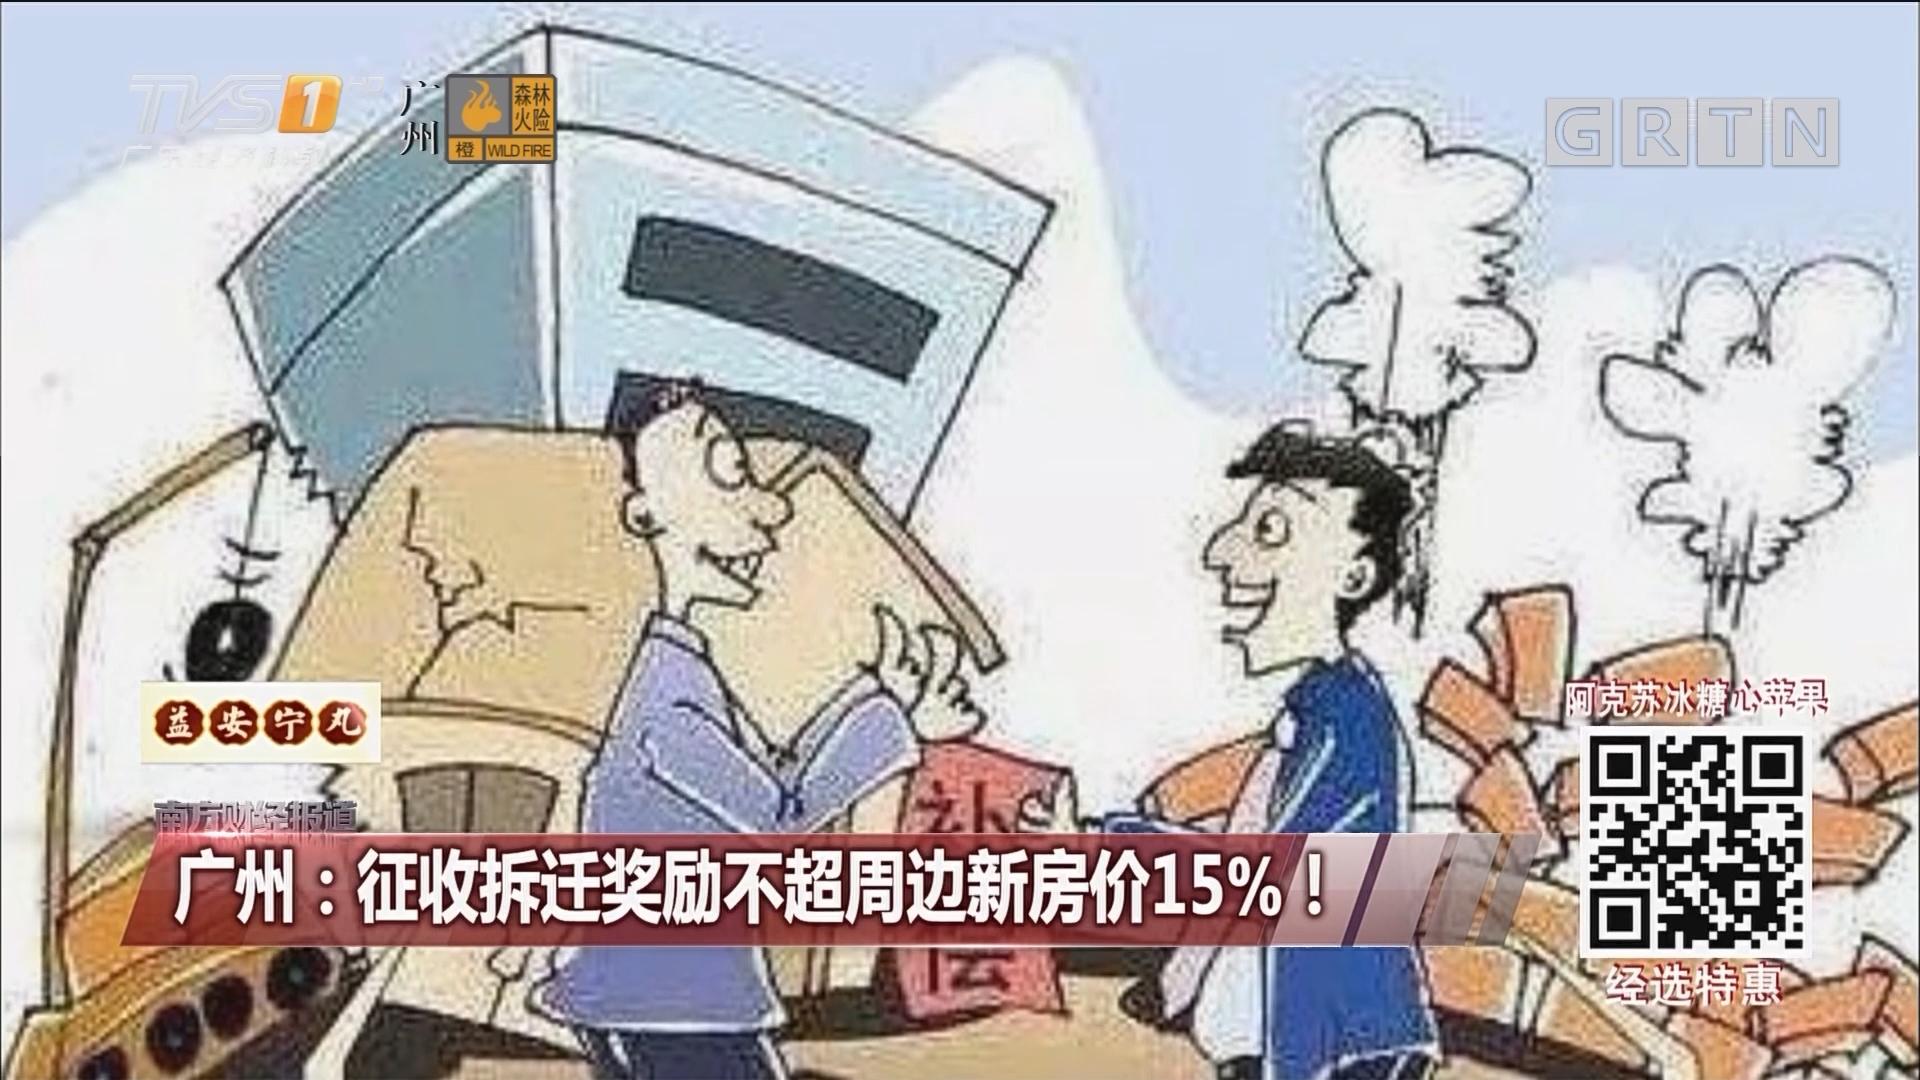 广州:征收拆迁奖励不超周边新房价15%!